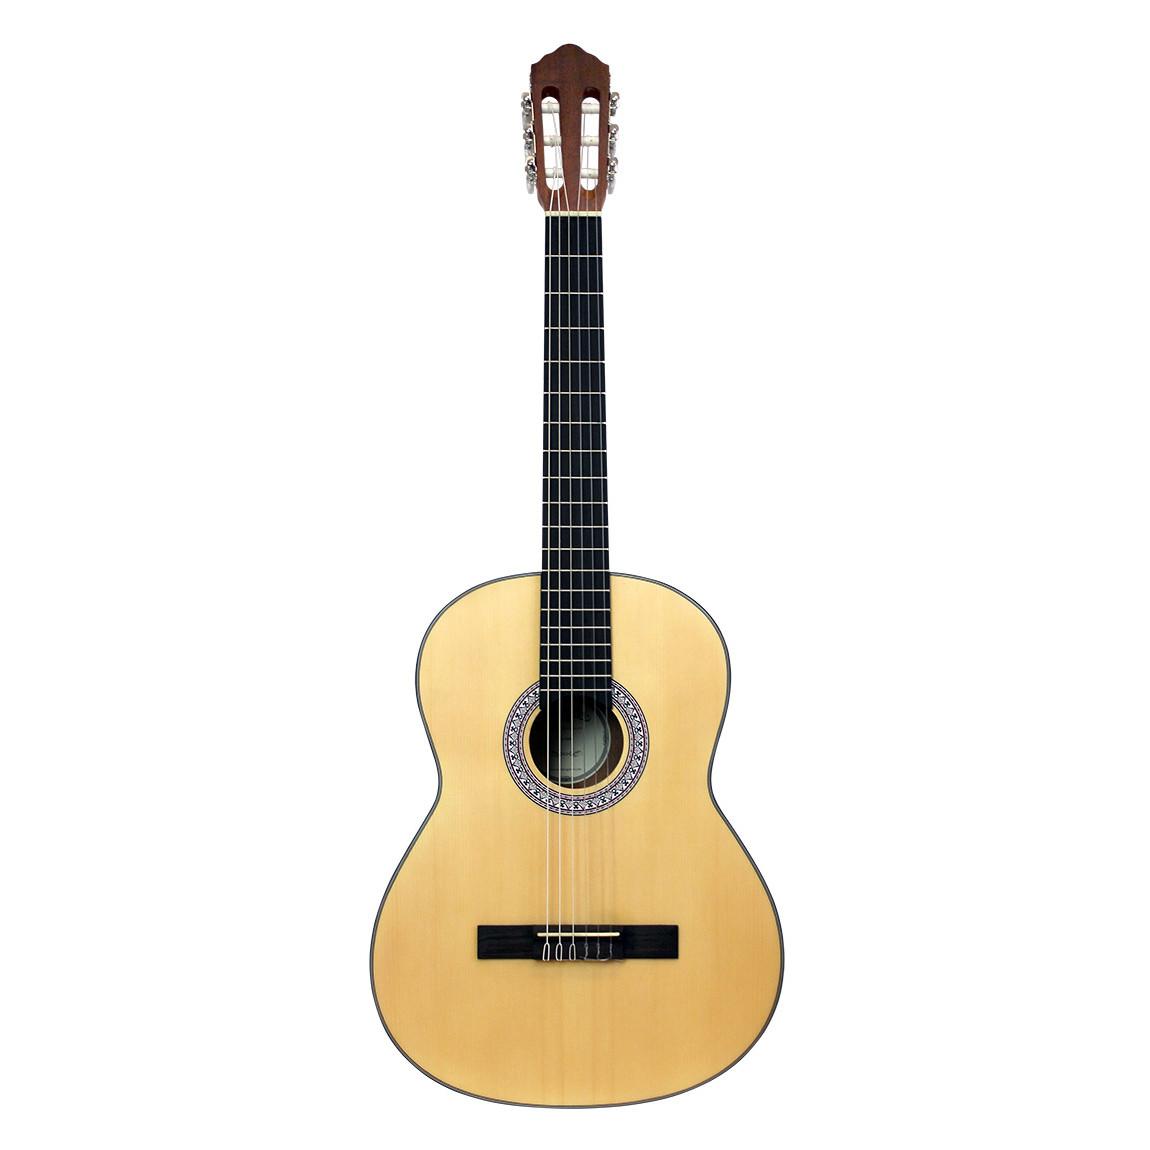 Santana B8 NAS v2 spansk-guitar satin